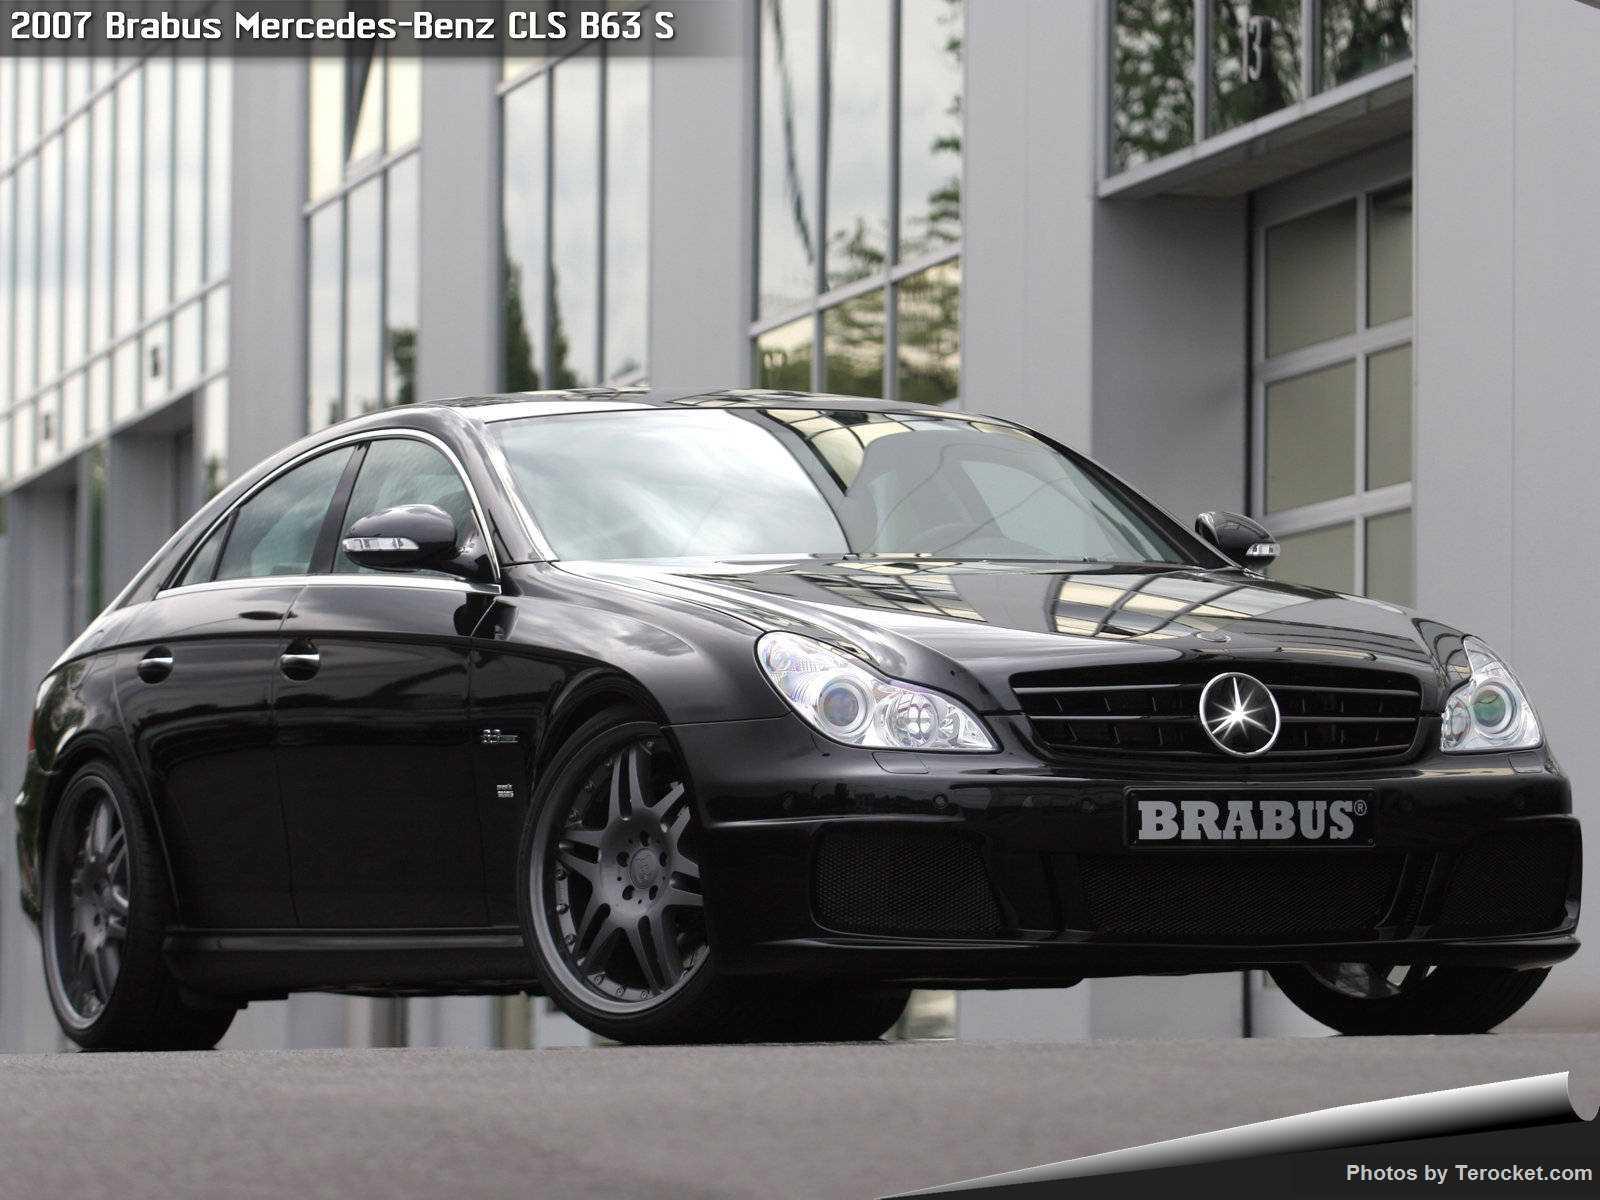 Hình ảnh xe ô tô Brabus Mercedes-Benz CLS B63 S 2007 & nội ngoại thất